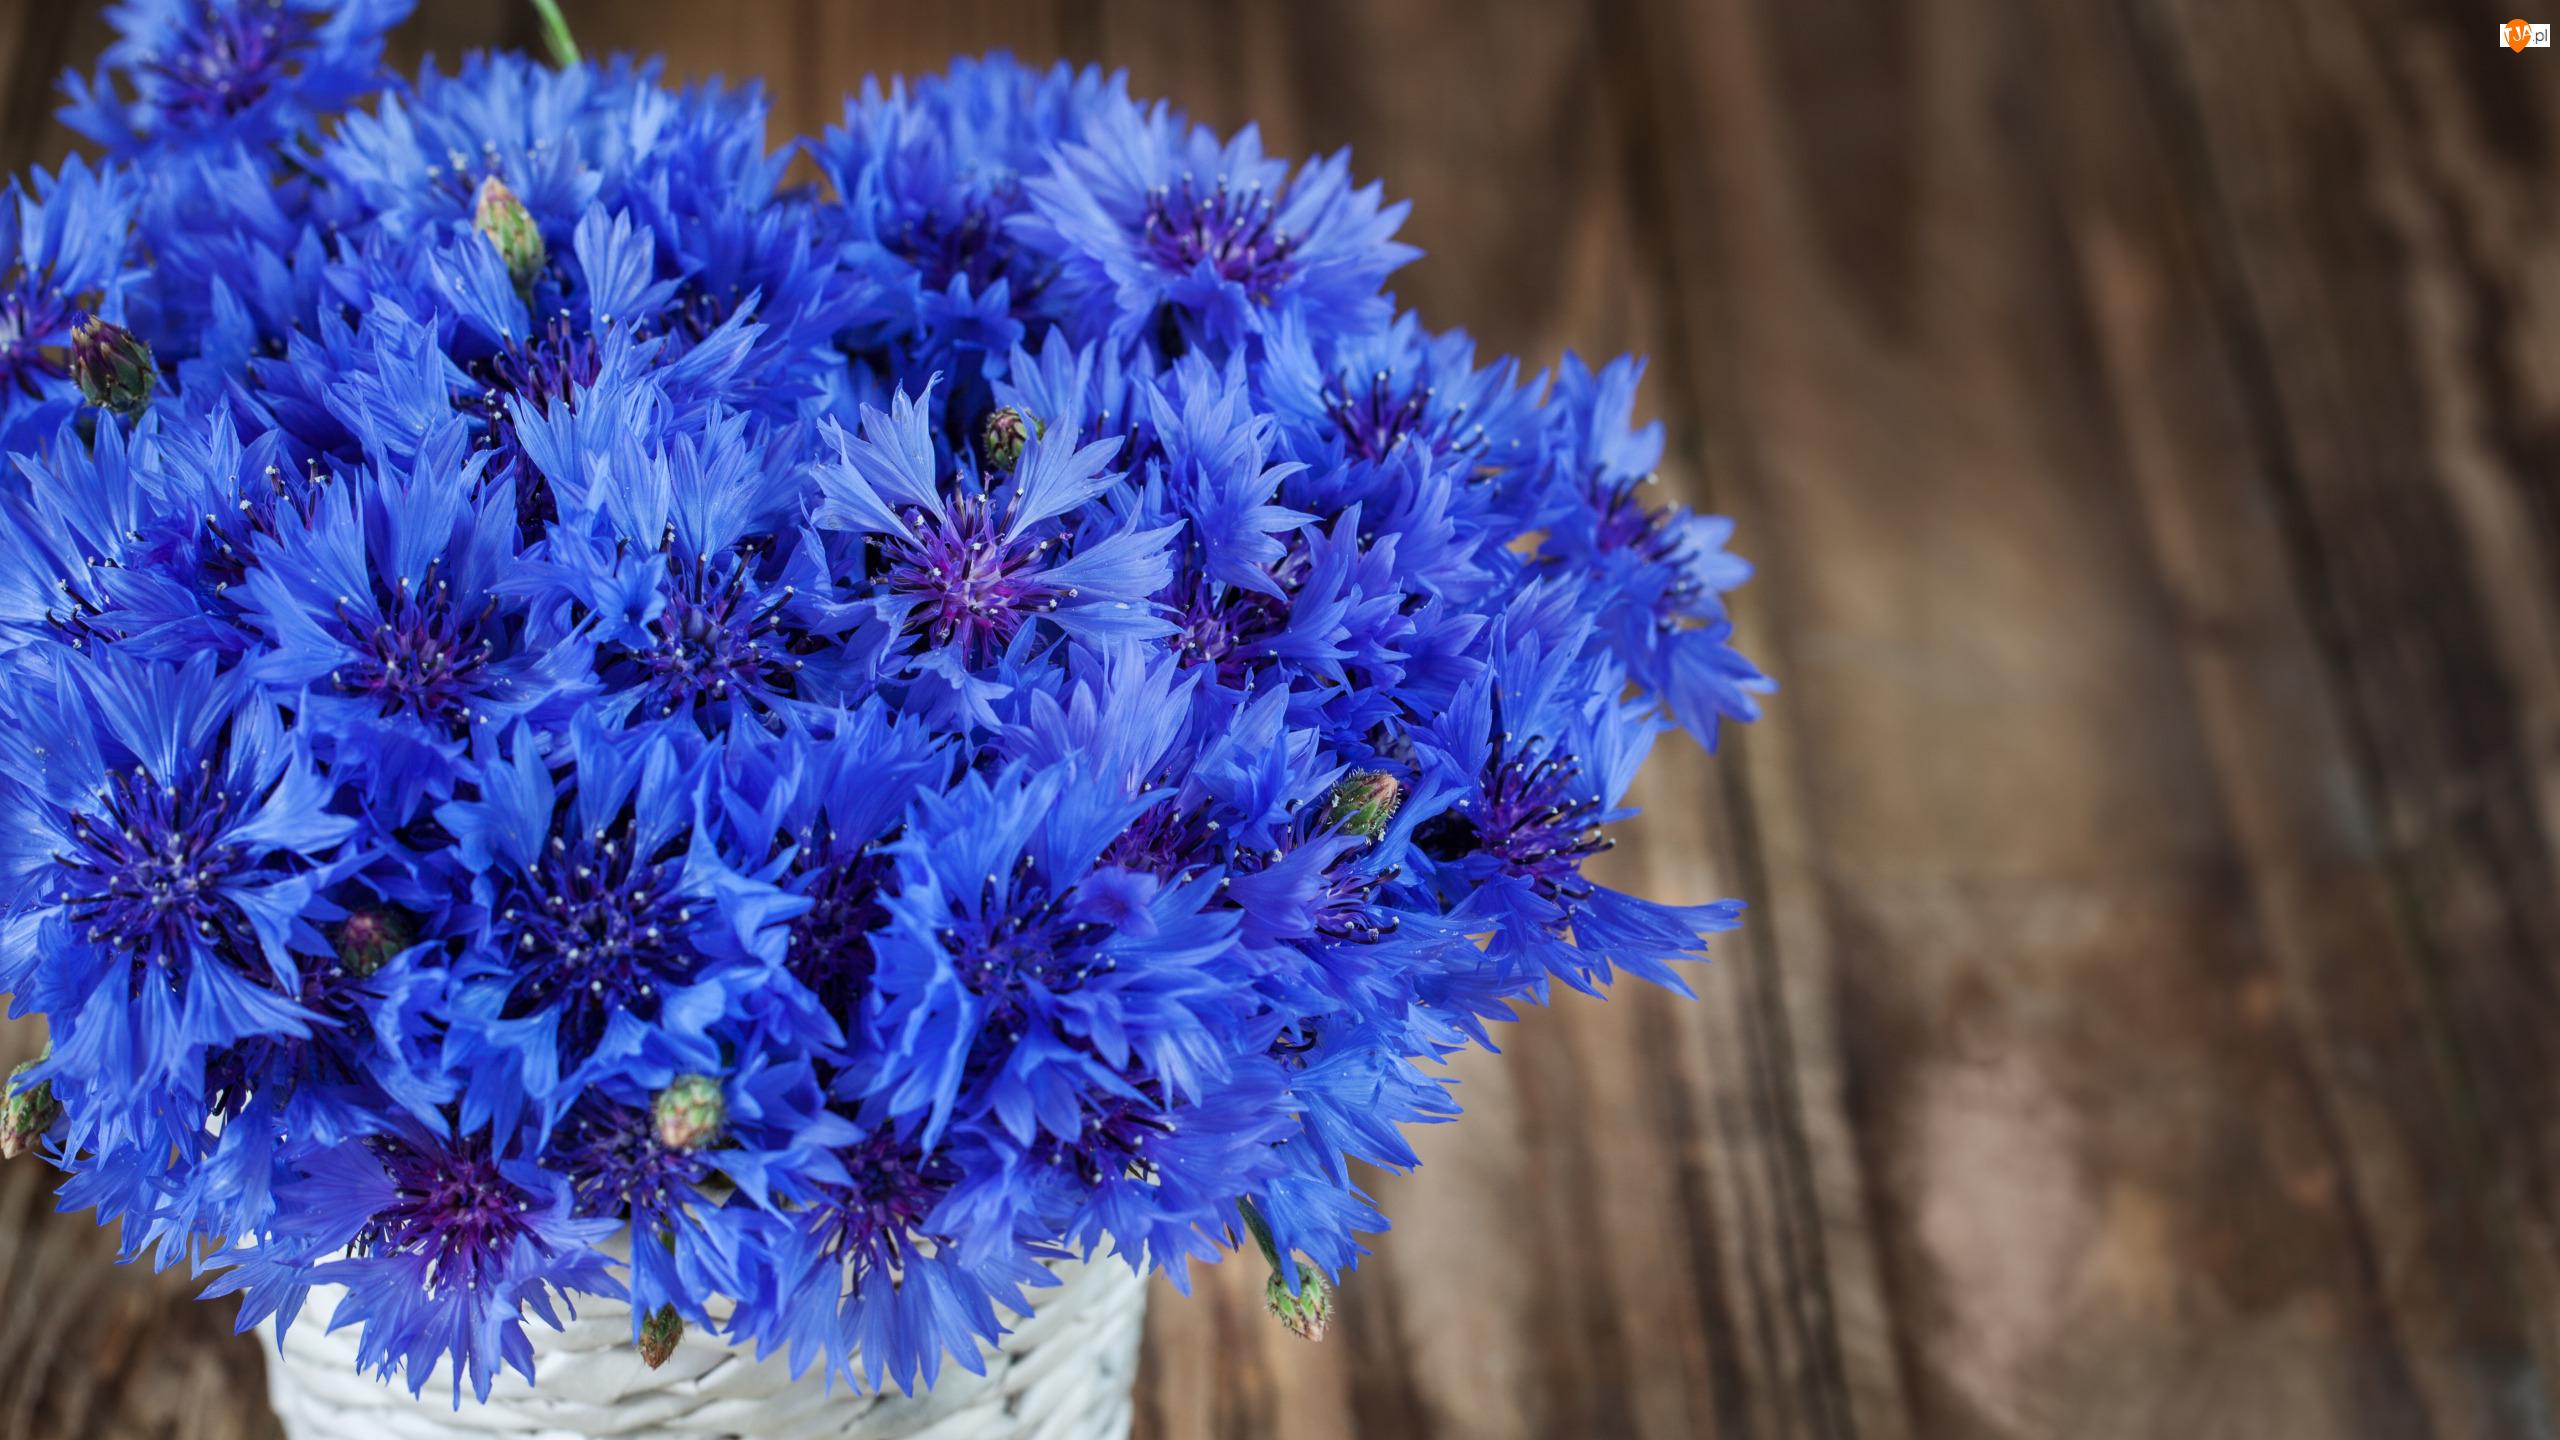 Bukiet, Koszyczek, Niebieskie, Kwiaty, Chabry